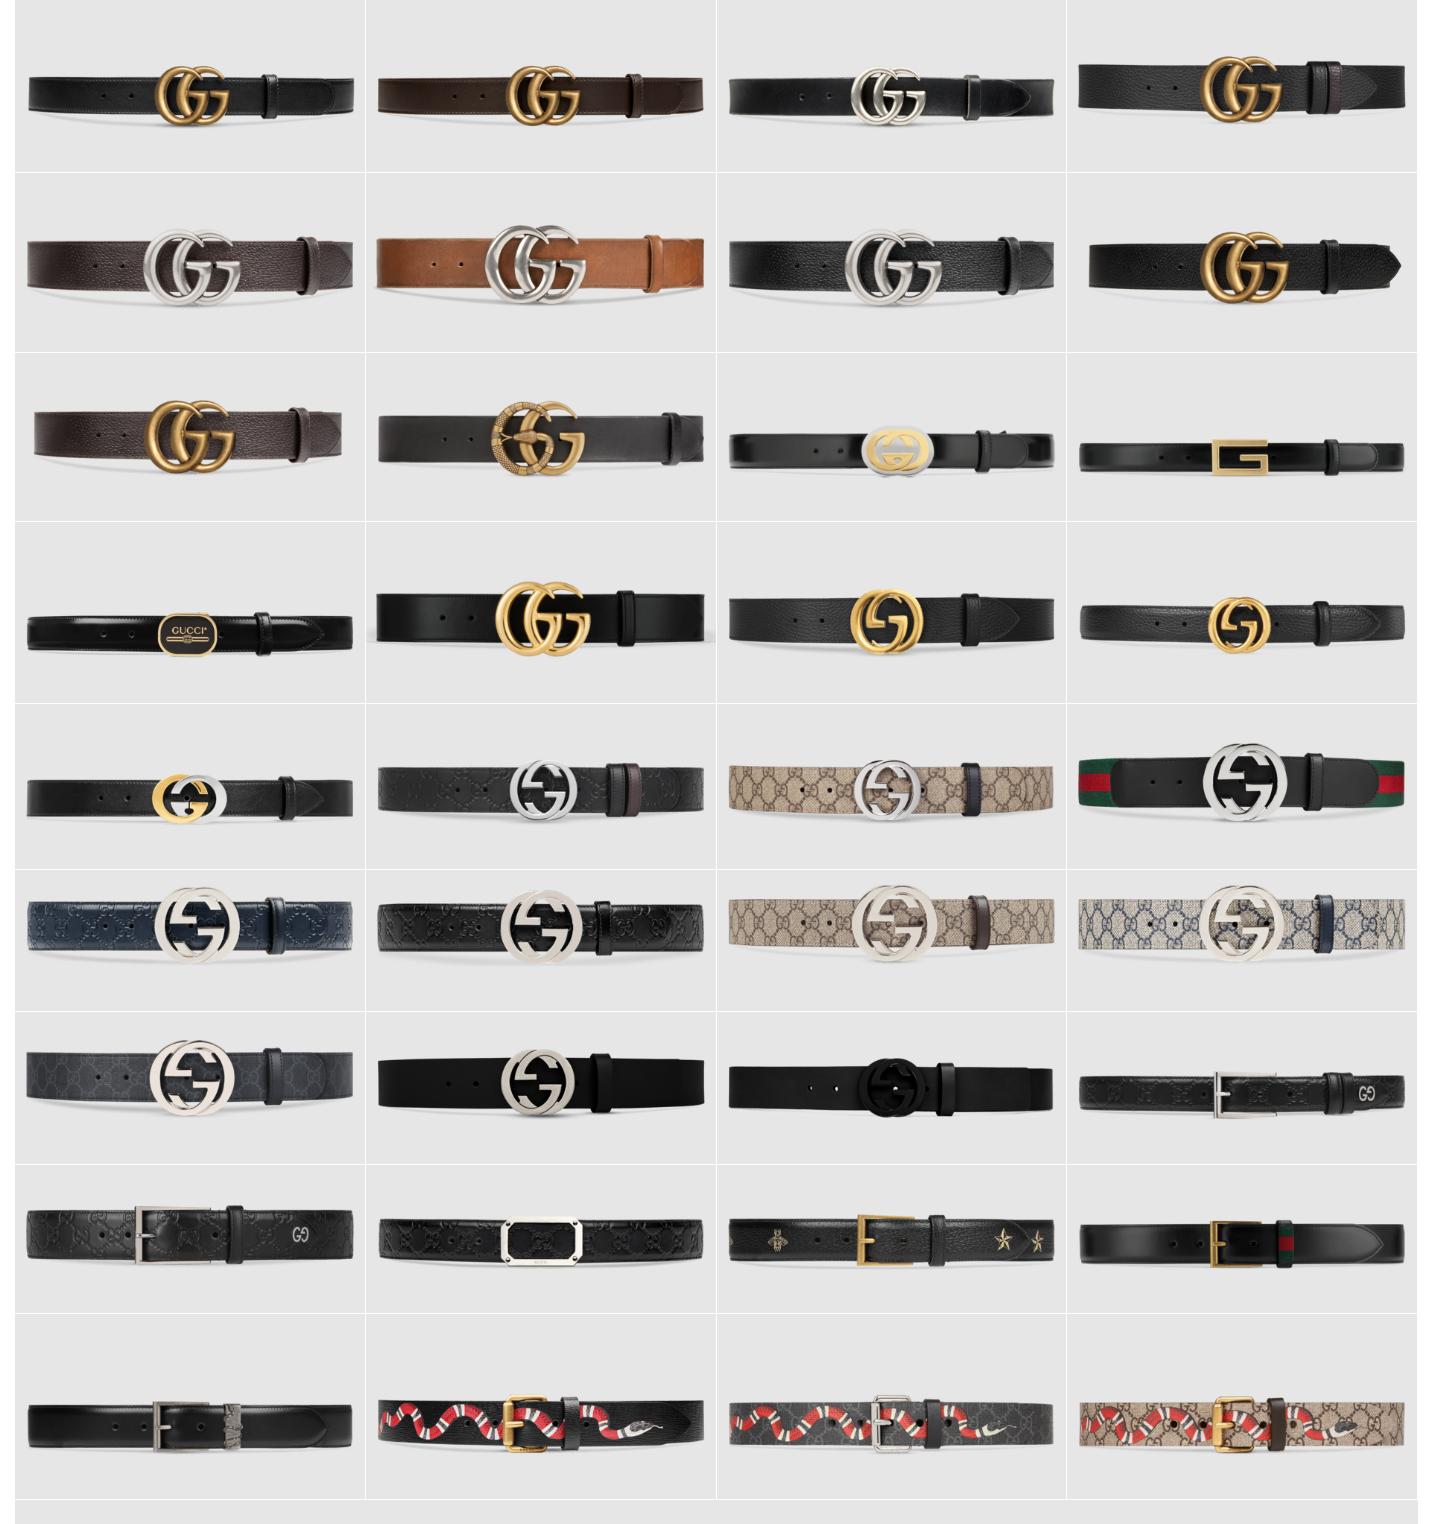 男士皮带-男士腰带-古驰皮带价格-古驰GUCCI中国官方网站.png